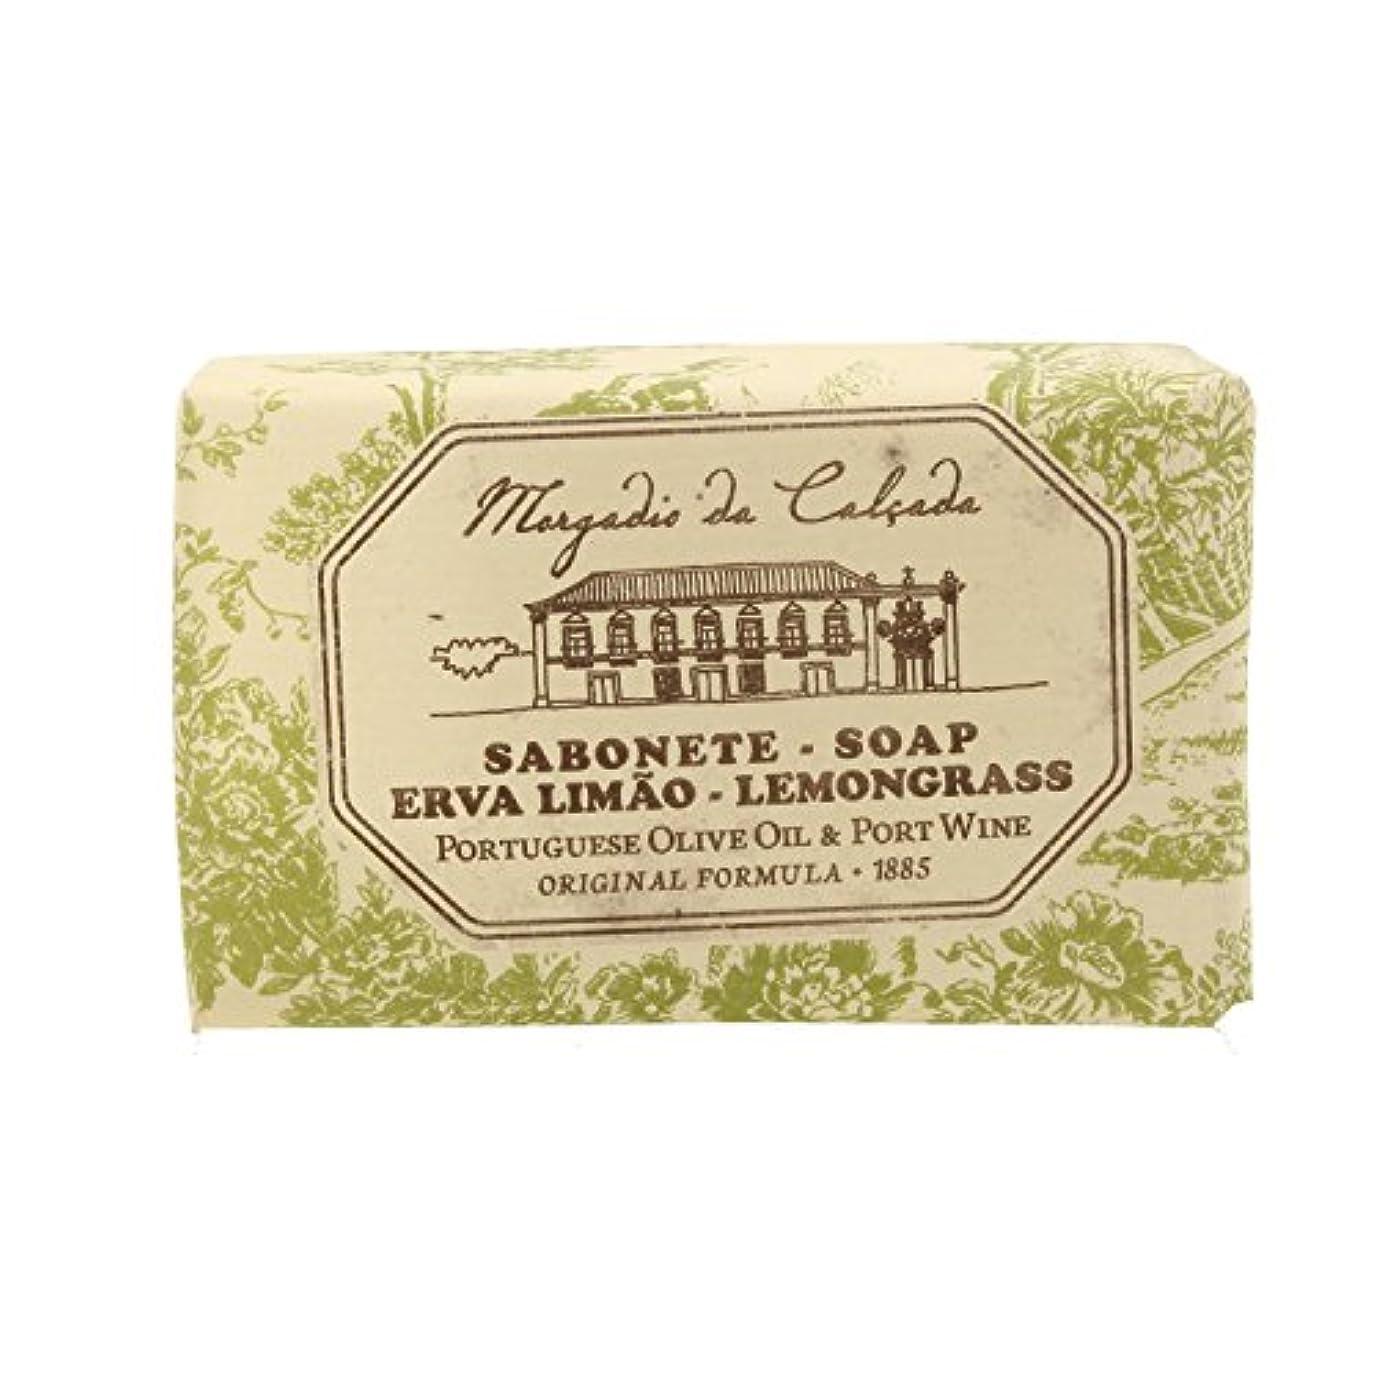 にもかかわらず追い払う積分モルガディオ ダ カルサダ ソープ レモングラス 95g